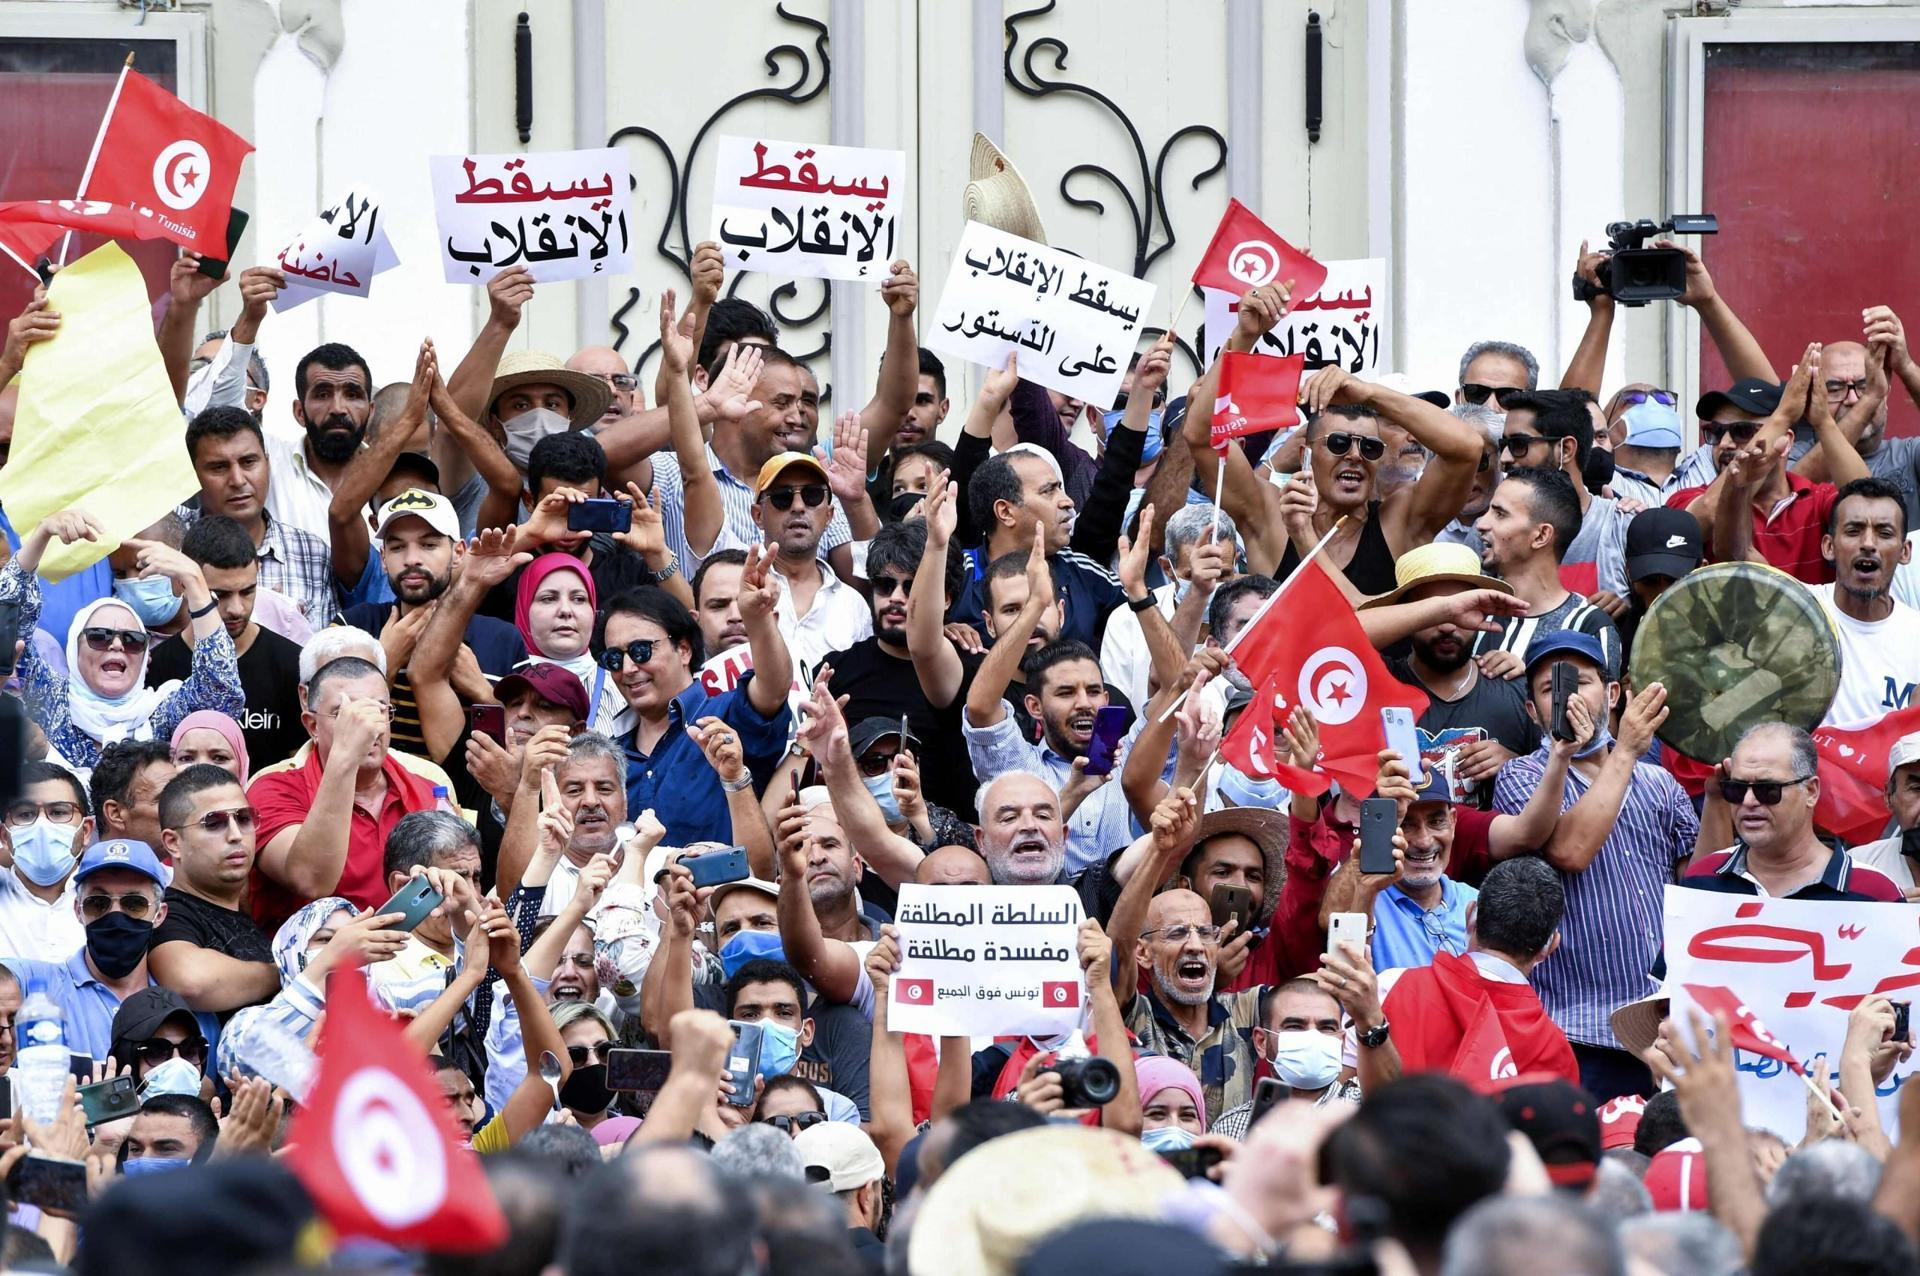 """""""الديمقراطية تستردّ أنفاسها"""".. هل بدأ الرئيس قيس سعيد بخسارة الشارع التونسي؟"""